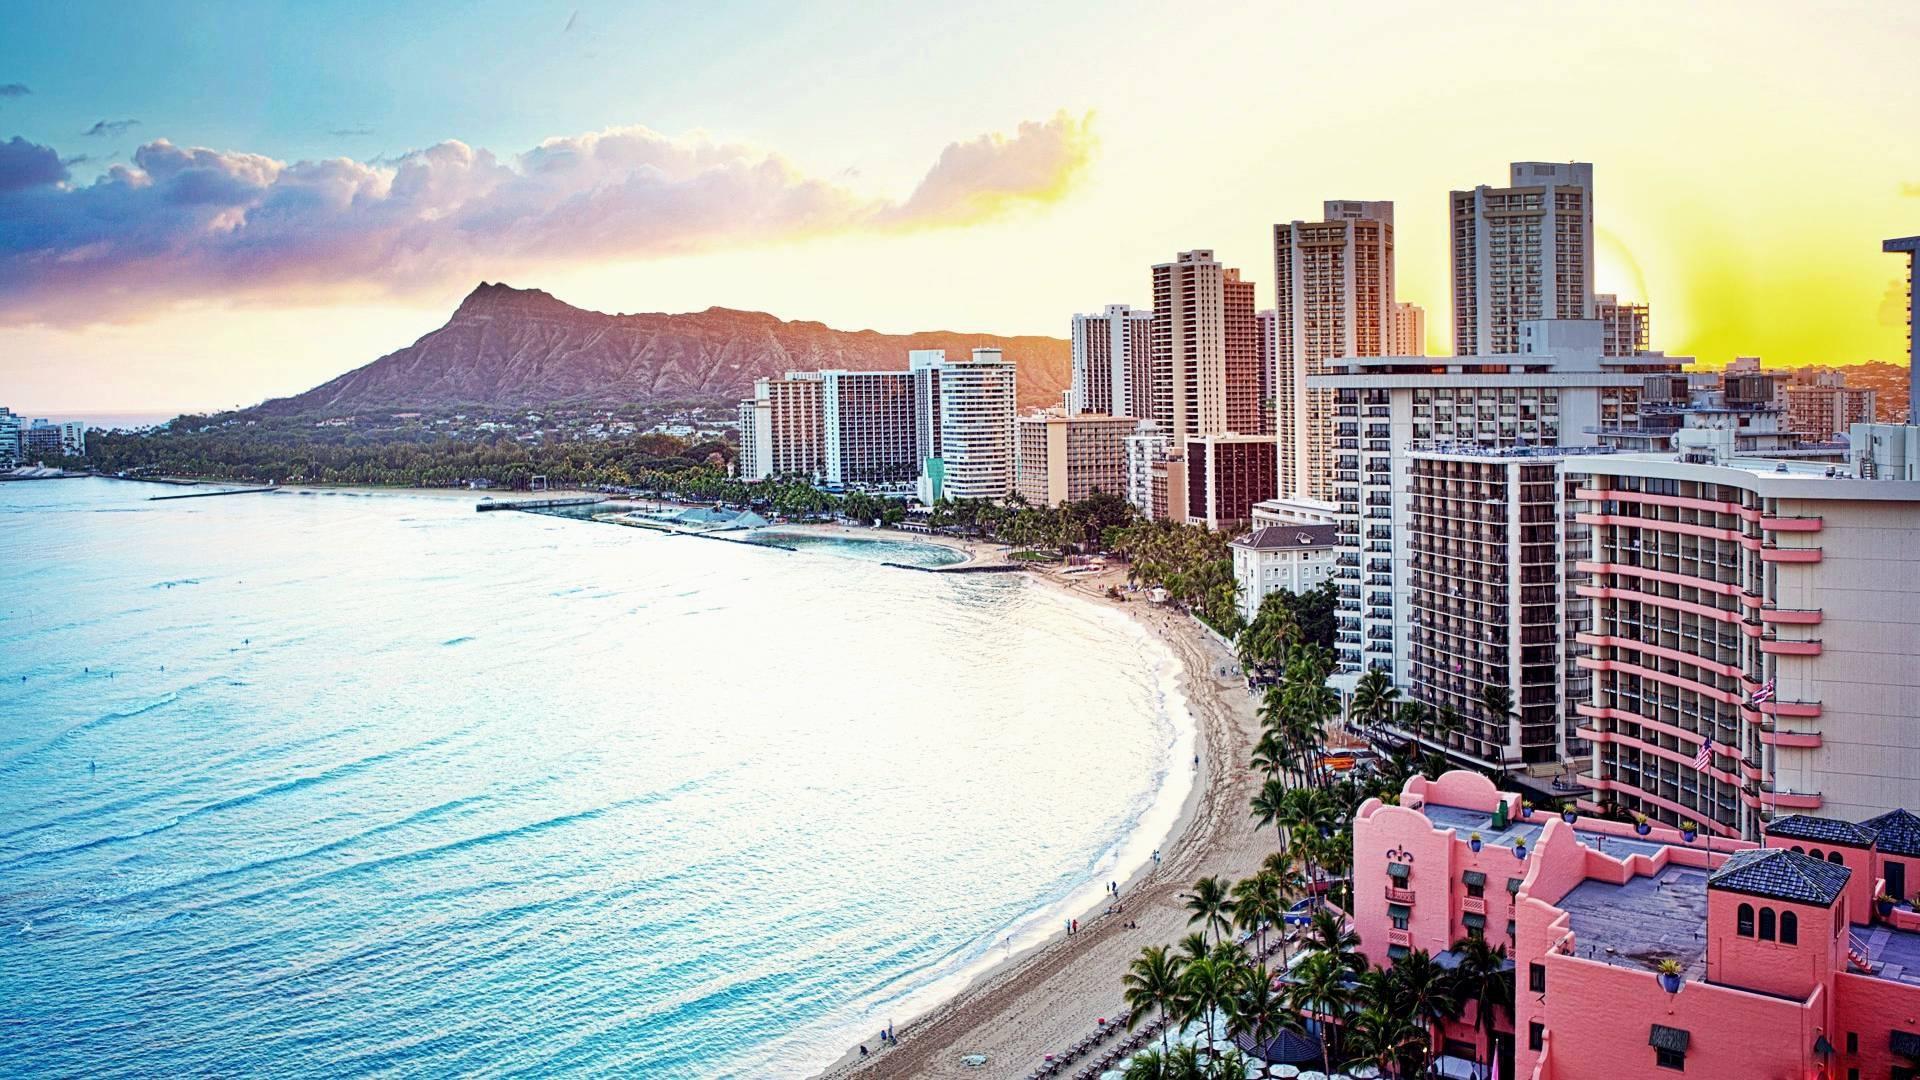 Waikiki-Beach-Hawaii-Wallpaper